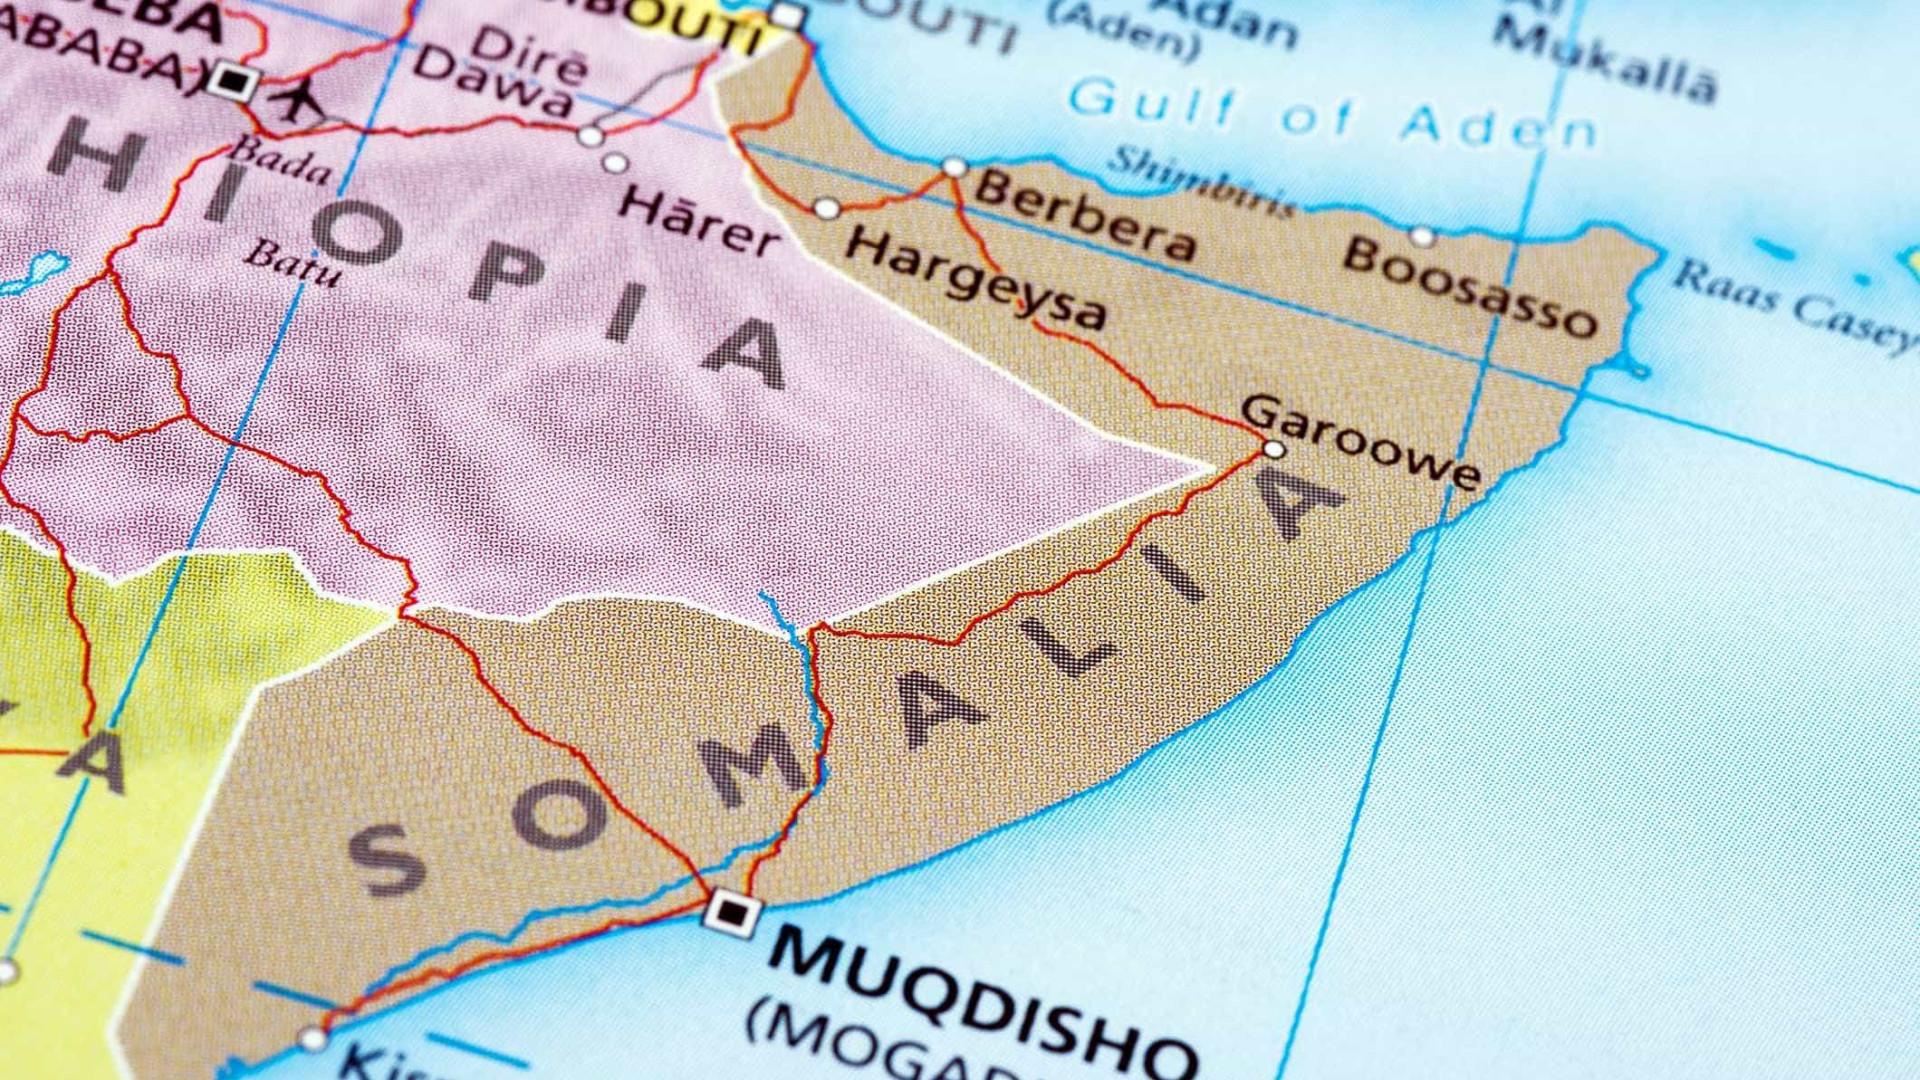 Soldado das forças especiais dos EUA foi morto na Somália